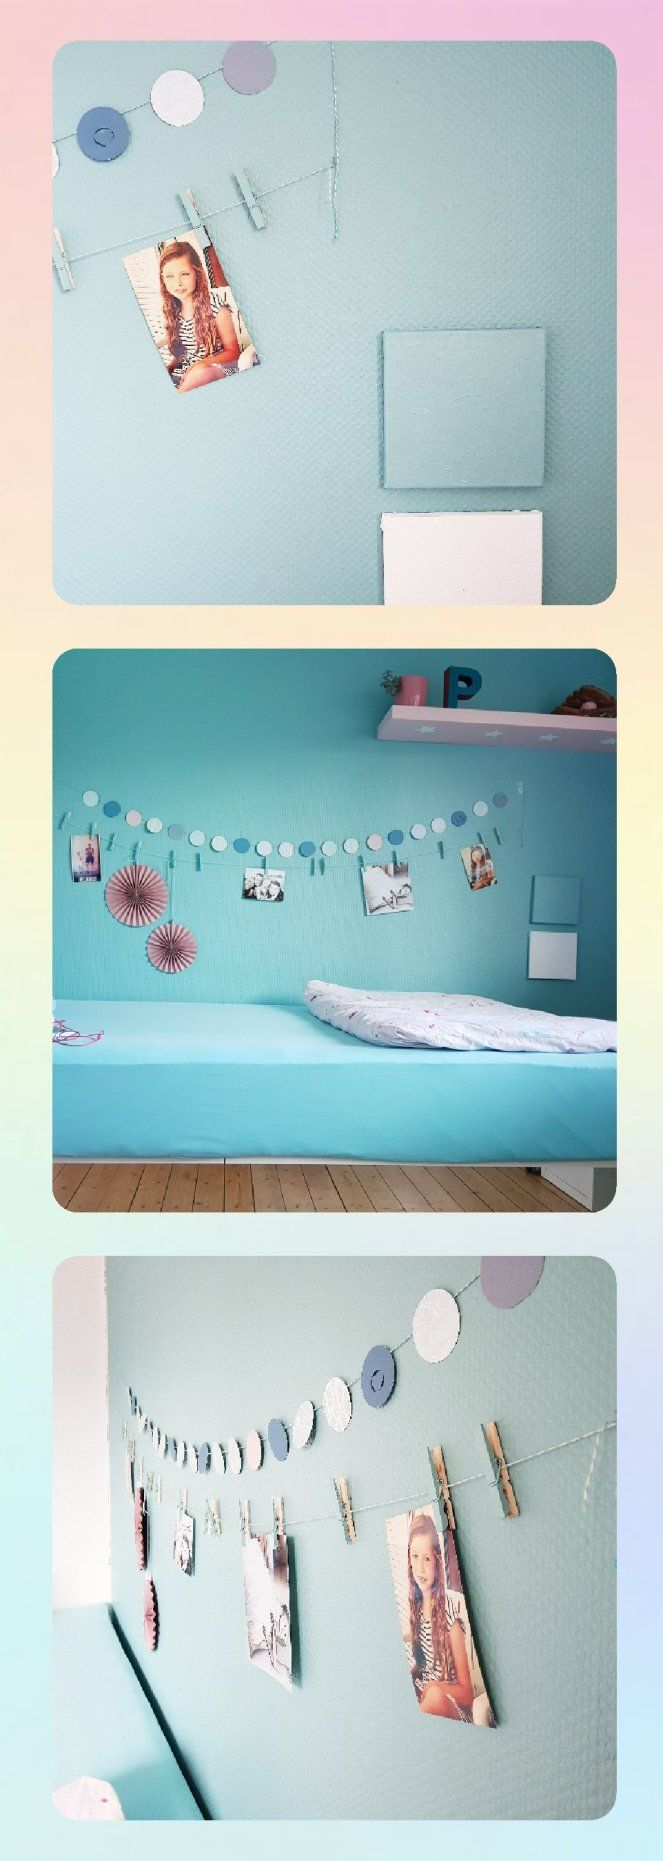 zwischen kind und cool make up f r s kinderzimmer wandfarbe t rkis sch ner wohnen frozen. Black Bedroom Furniture Sets. Home Design Ideas